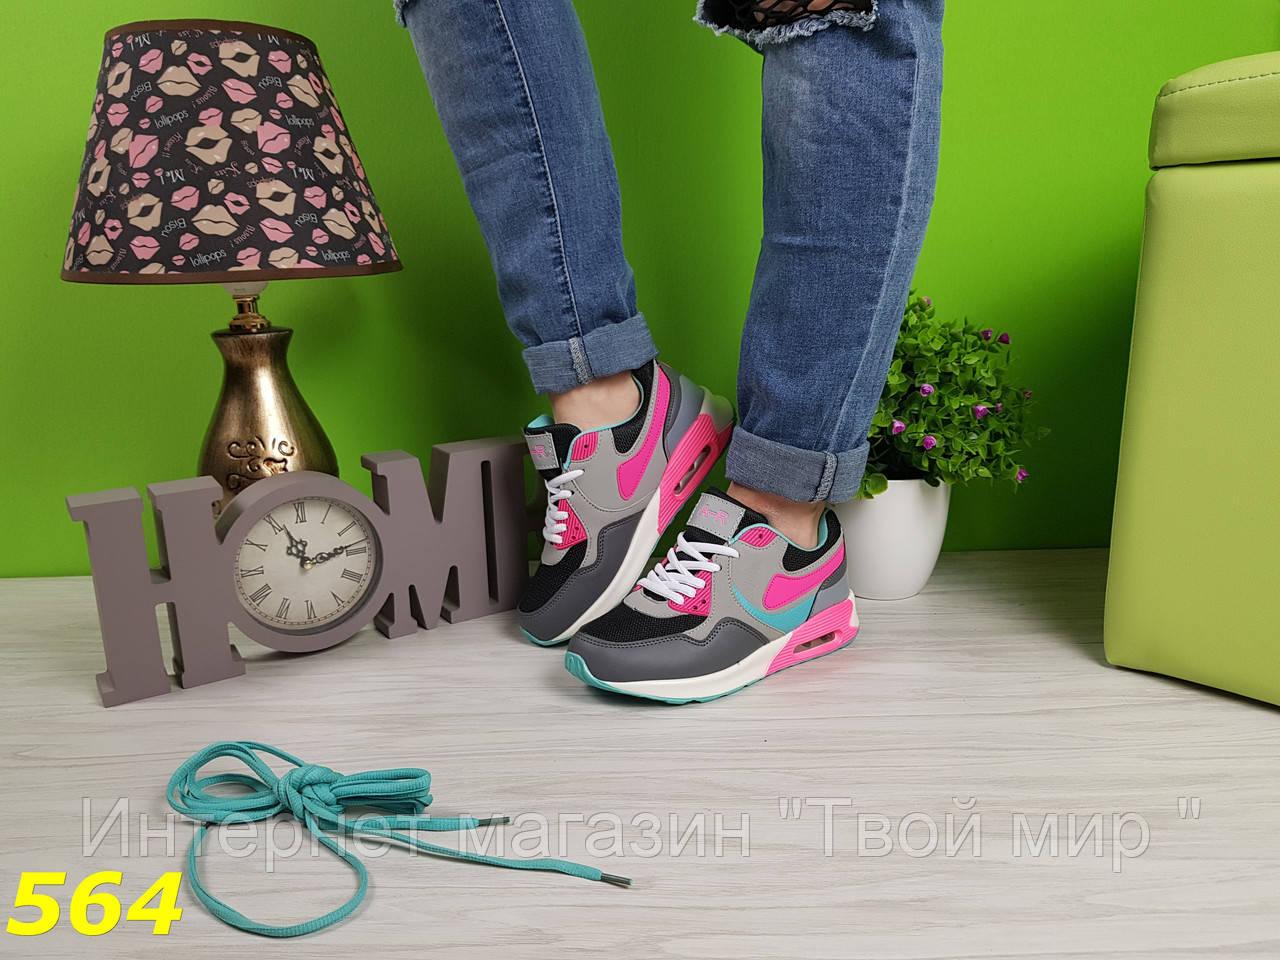 502dccd7 Кроссовки аирмаксы серые с бирюзово-розовыми вставками: продажа ...